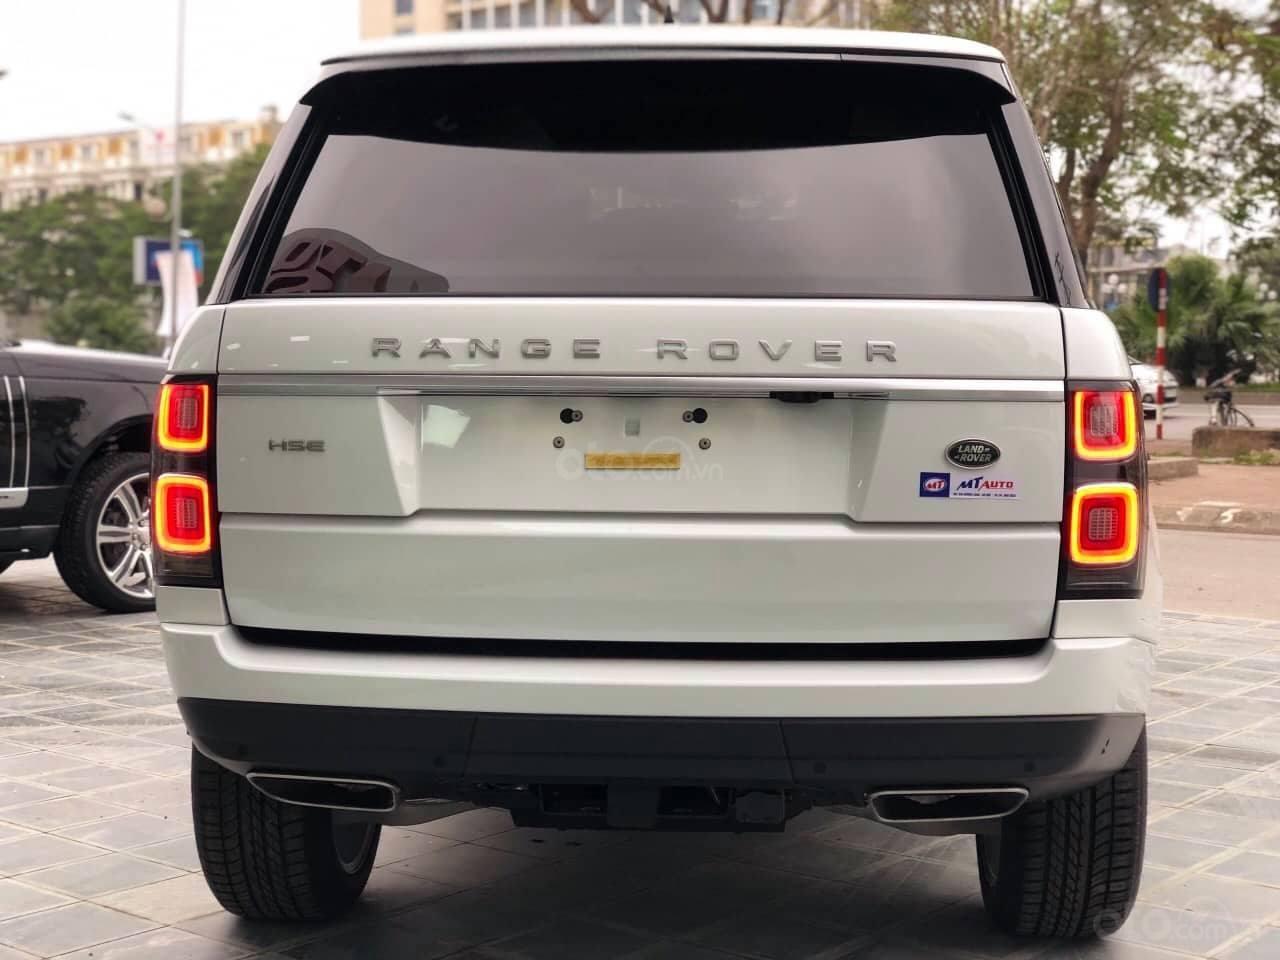 Bán ô tô LandRover Range Rover HSE đời 2018, màu trắng, nhập khẩu nguyên chiếc, LH 0905098888 - 0982.84.2838 (6)